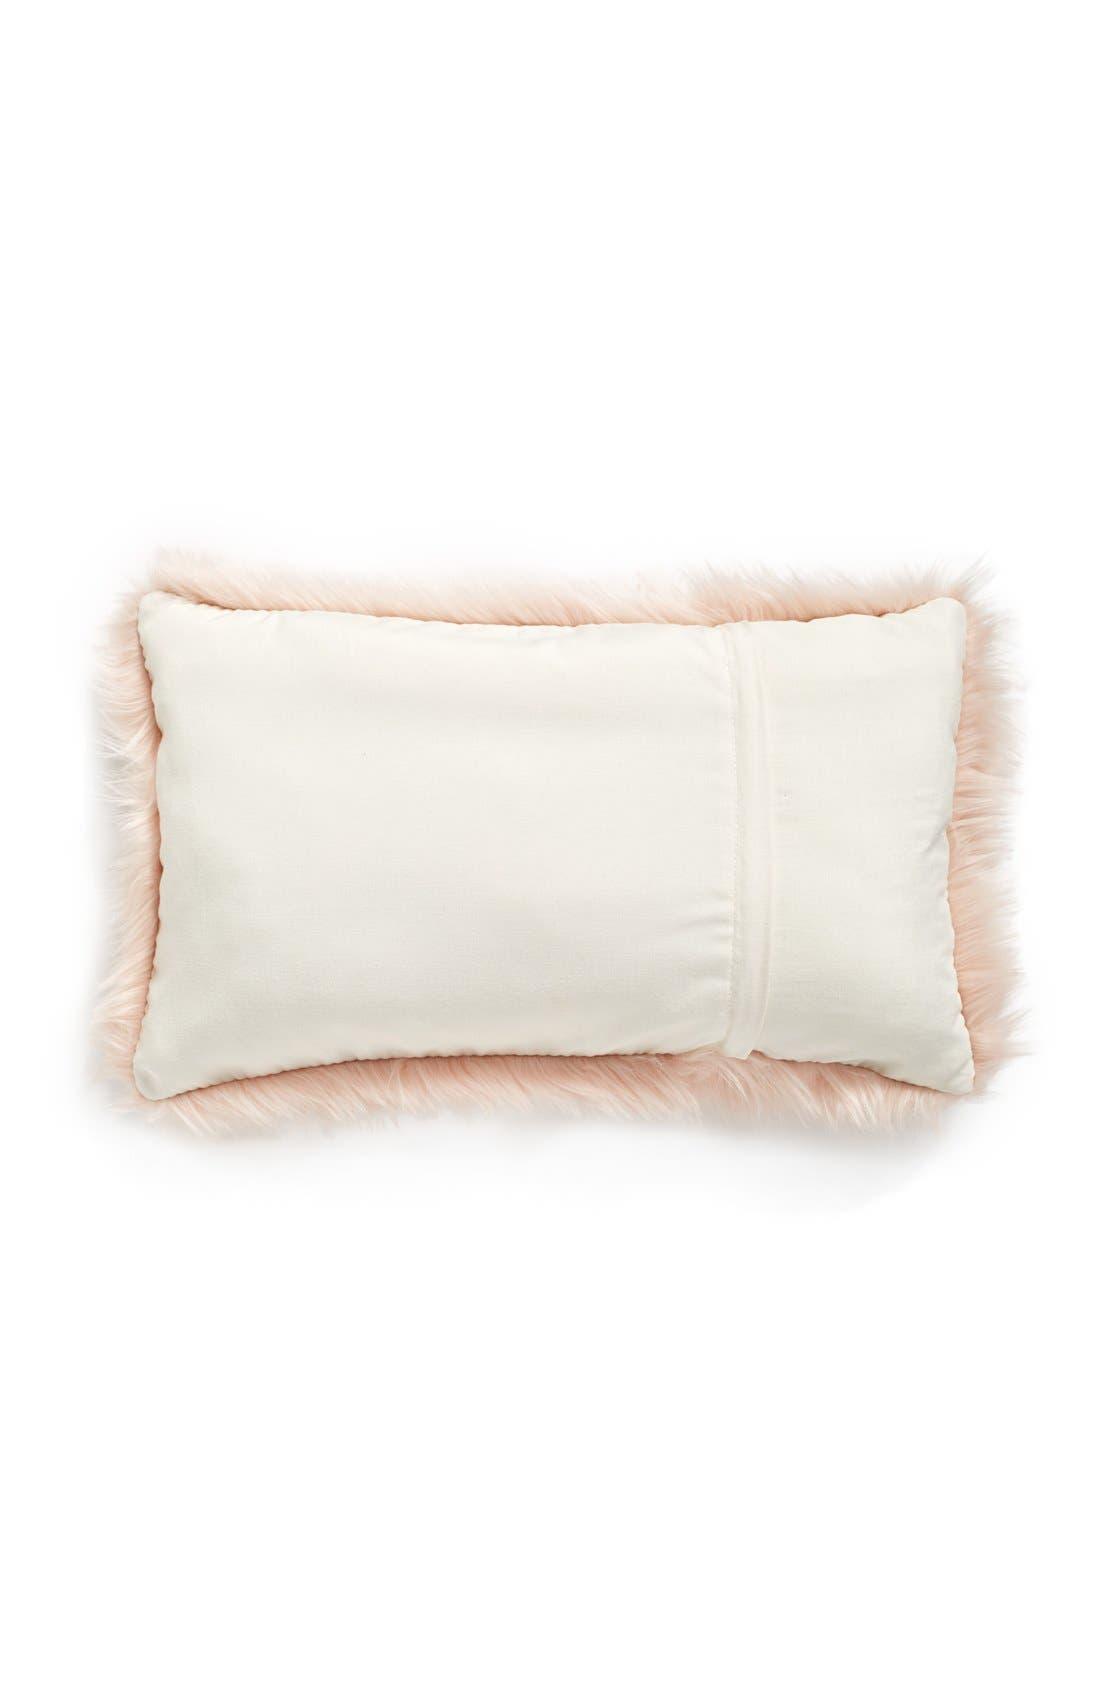 'Sumptuous' Faux Fur Accent Pillow,                             Alternate thumbnail 5, color,                             ROSE